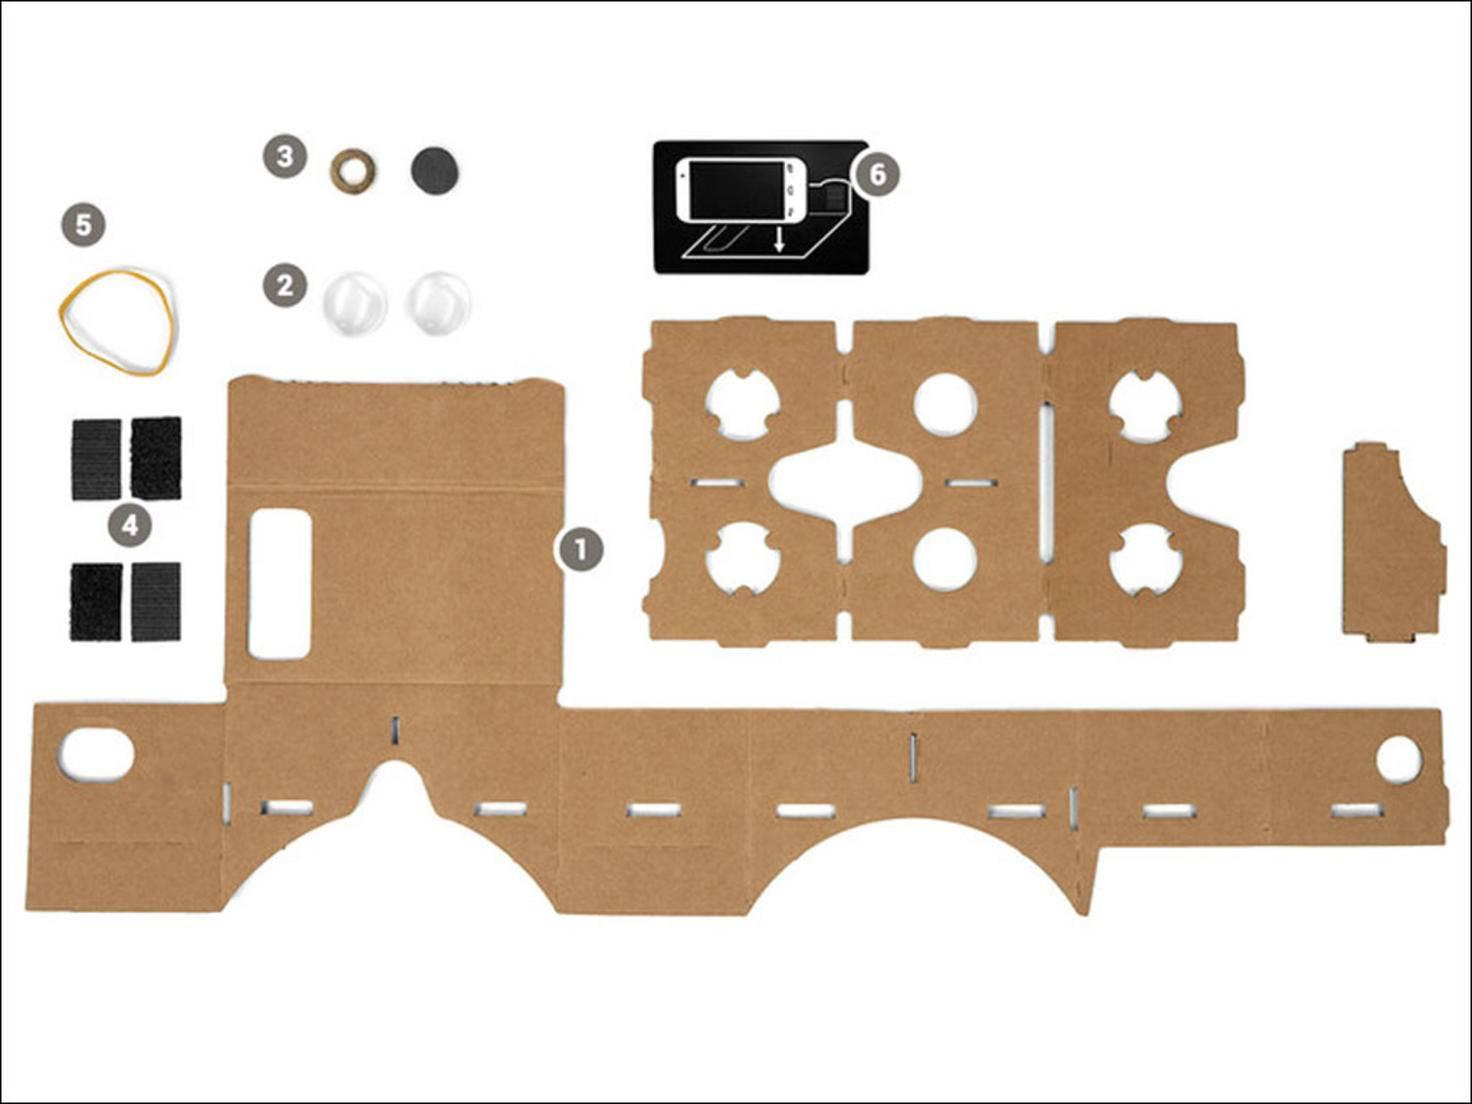 So sieht der Bausatz der VRoggles-Brille aus. Alle Teile sind enthalten - nur das Smartphone muss man selber haben.